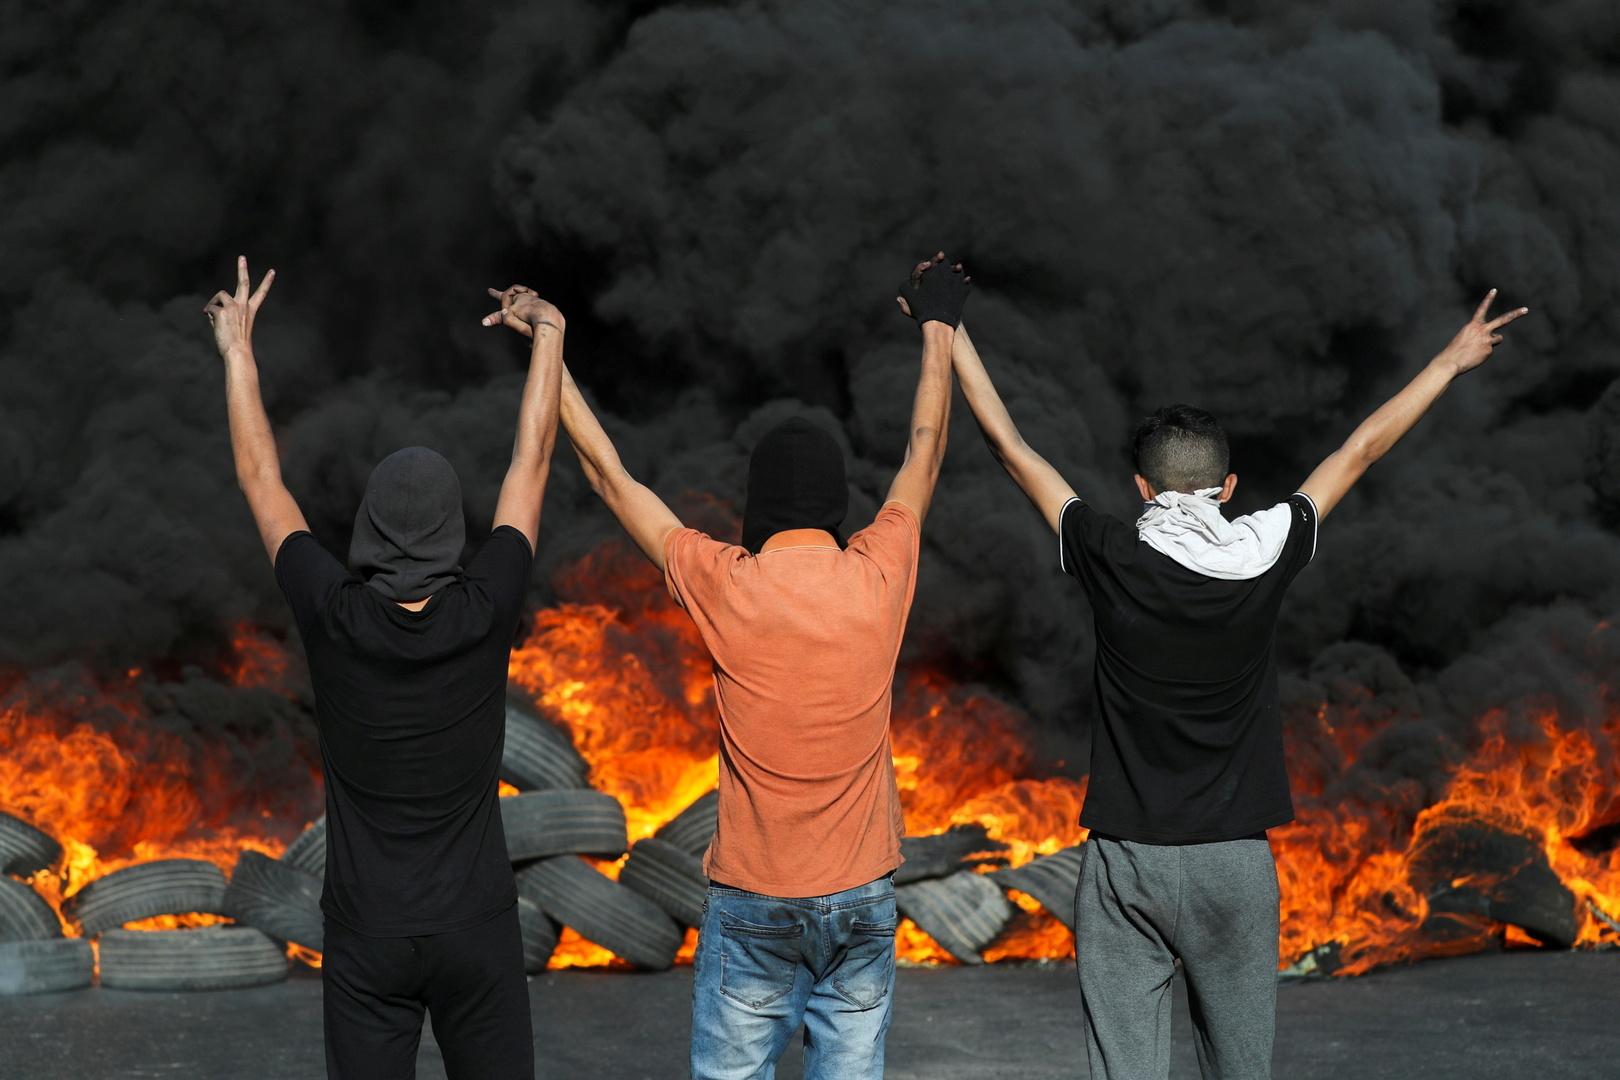 الصحة: مقتل 21 فلسطينيا على يد القوات الإسرائيلية بالضفة الغربية منذ بدء تصعيد الصراع